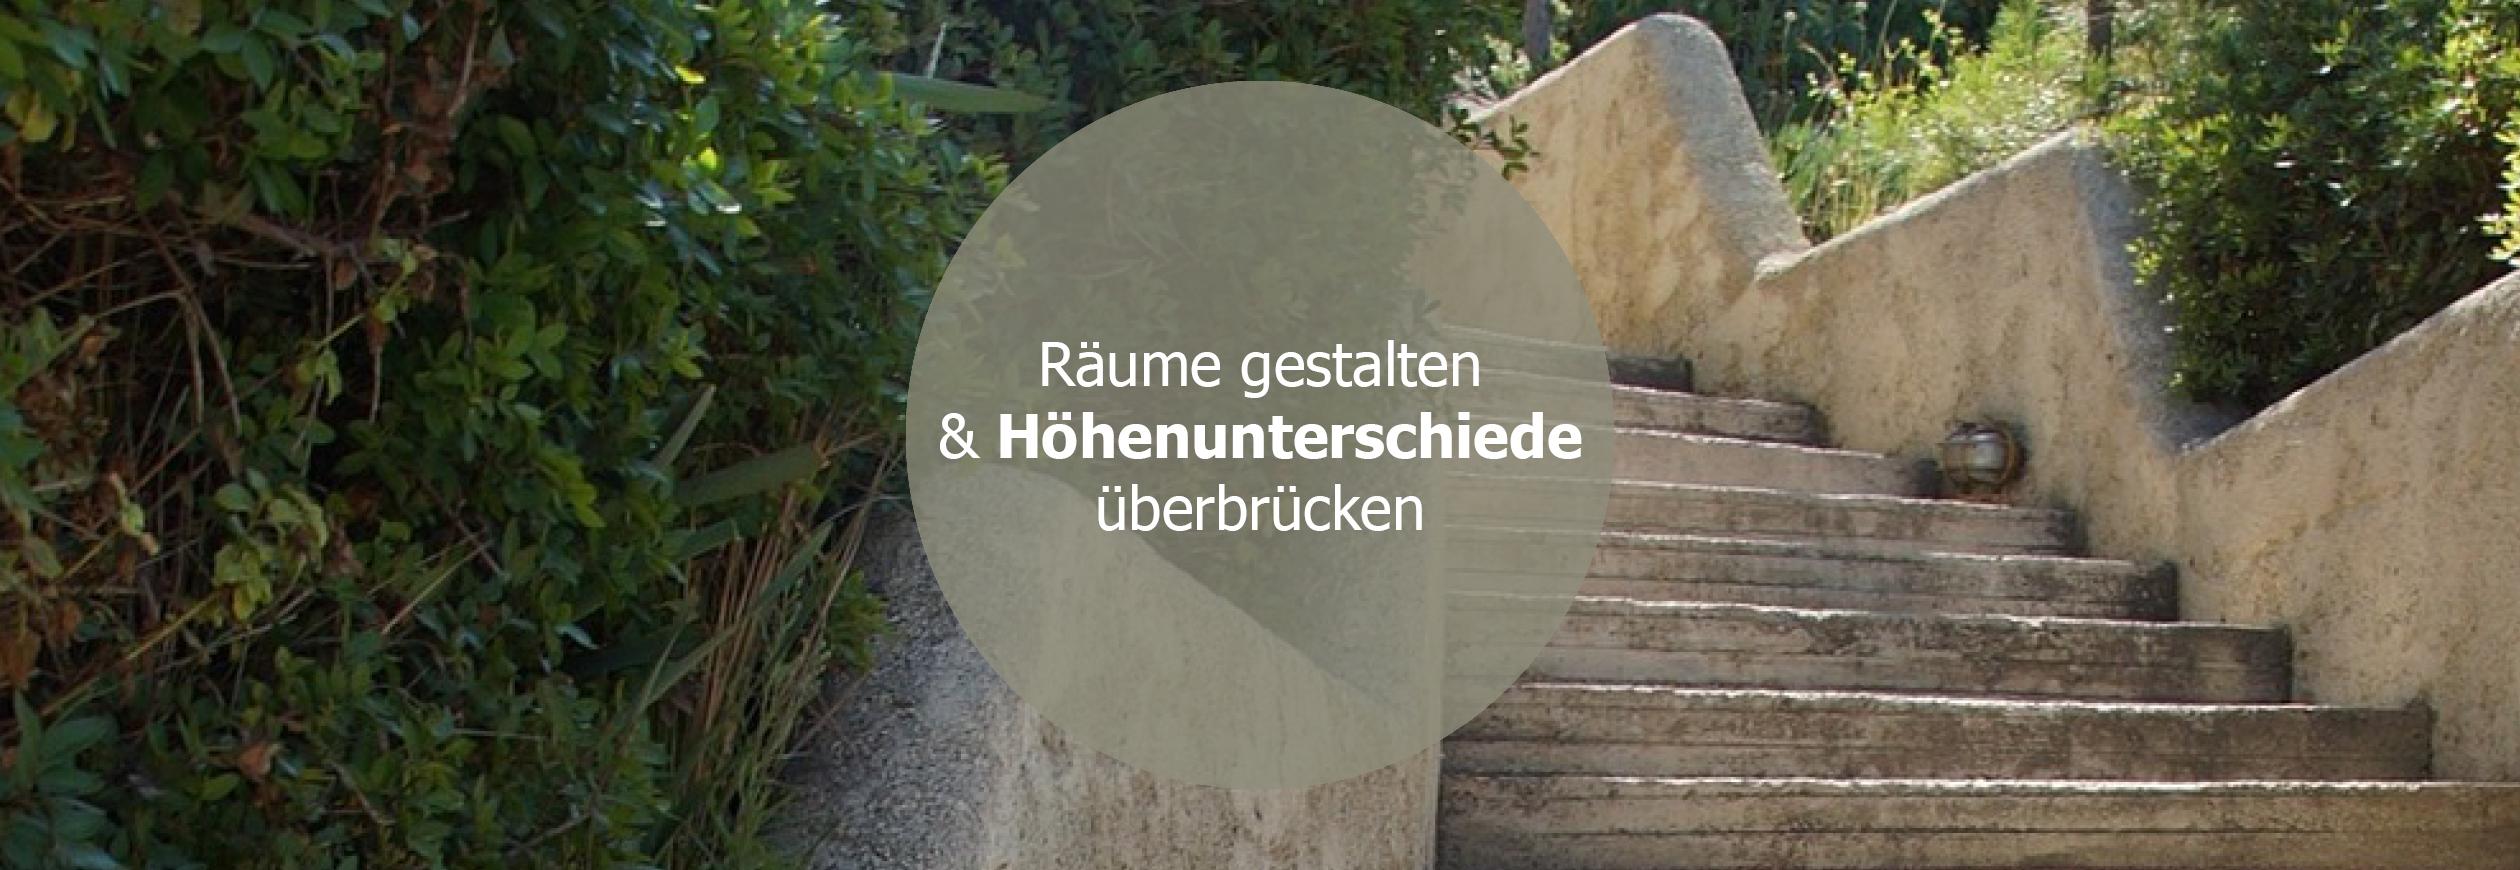 Blockstufen-naturstein-Steinzeit-header